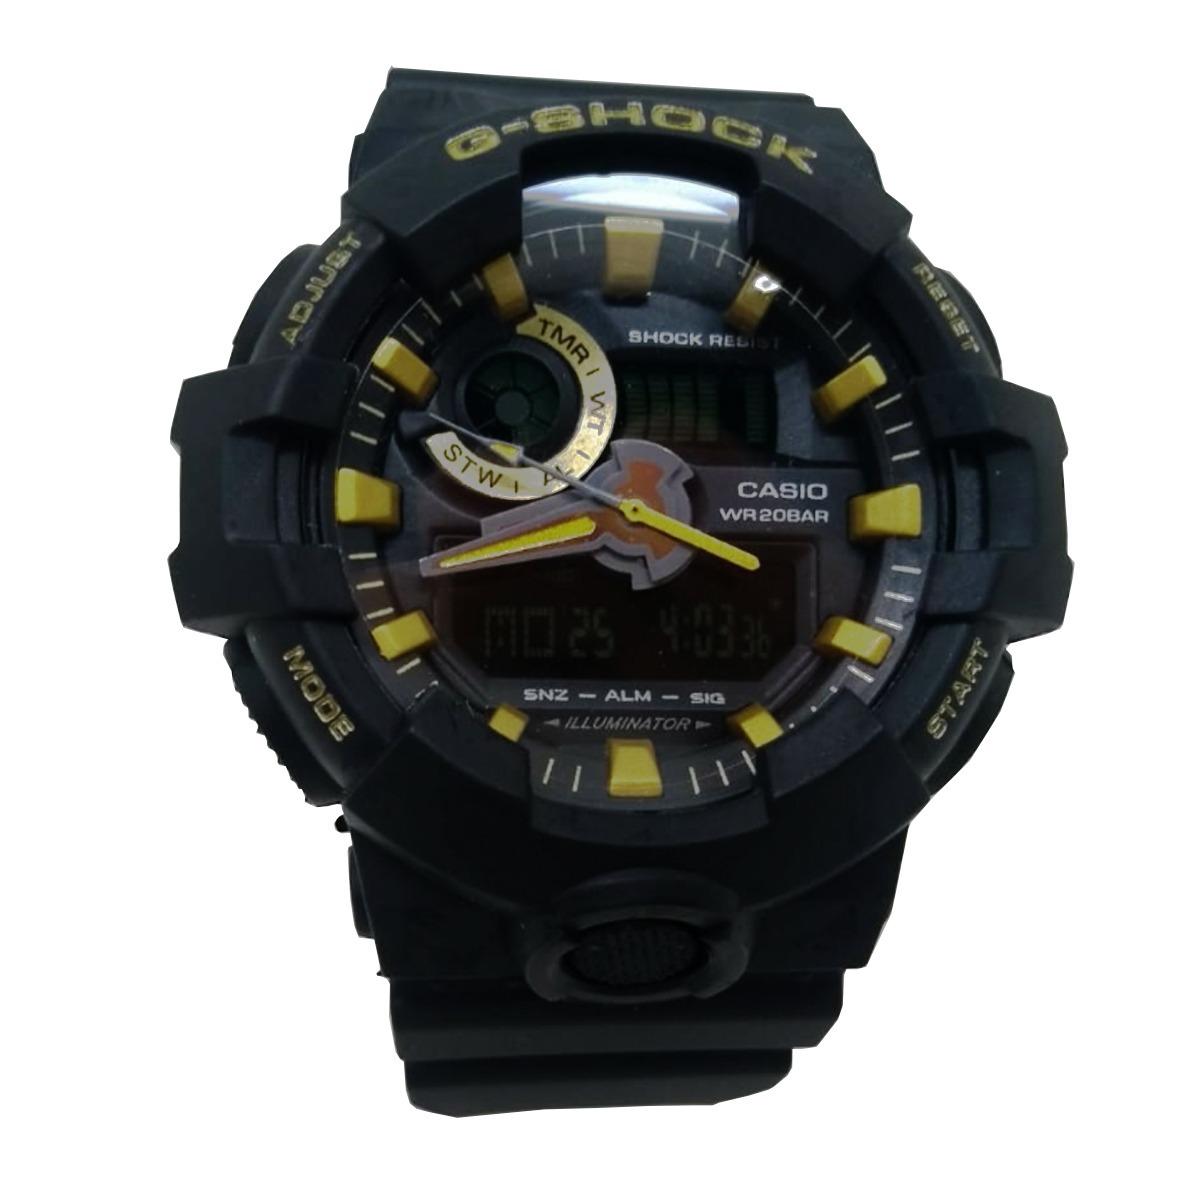 e7e7fa07403 relógio casio g-shock ga-700 importado ga-700-7 preto ! Carregando zoom.